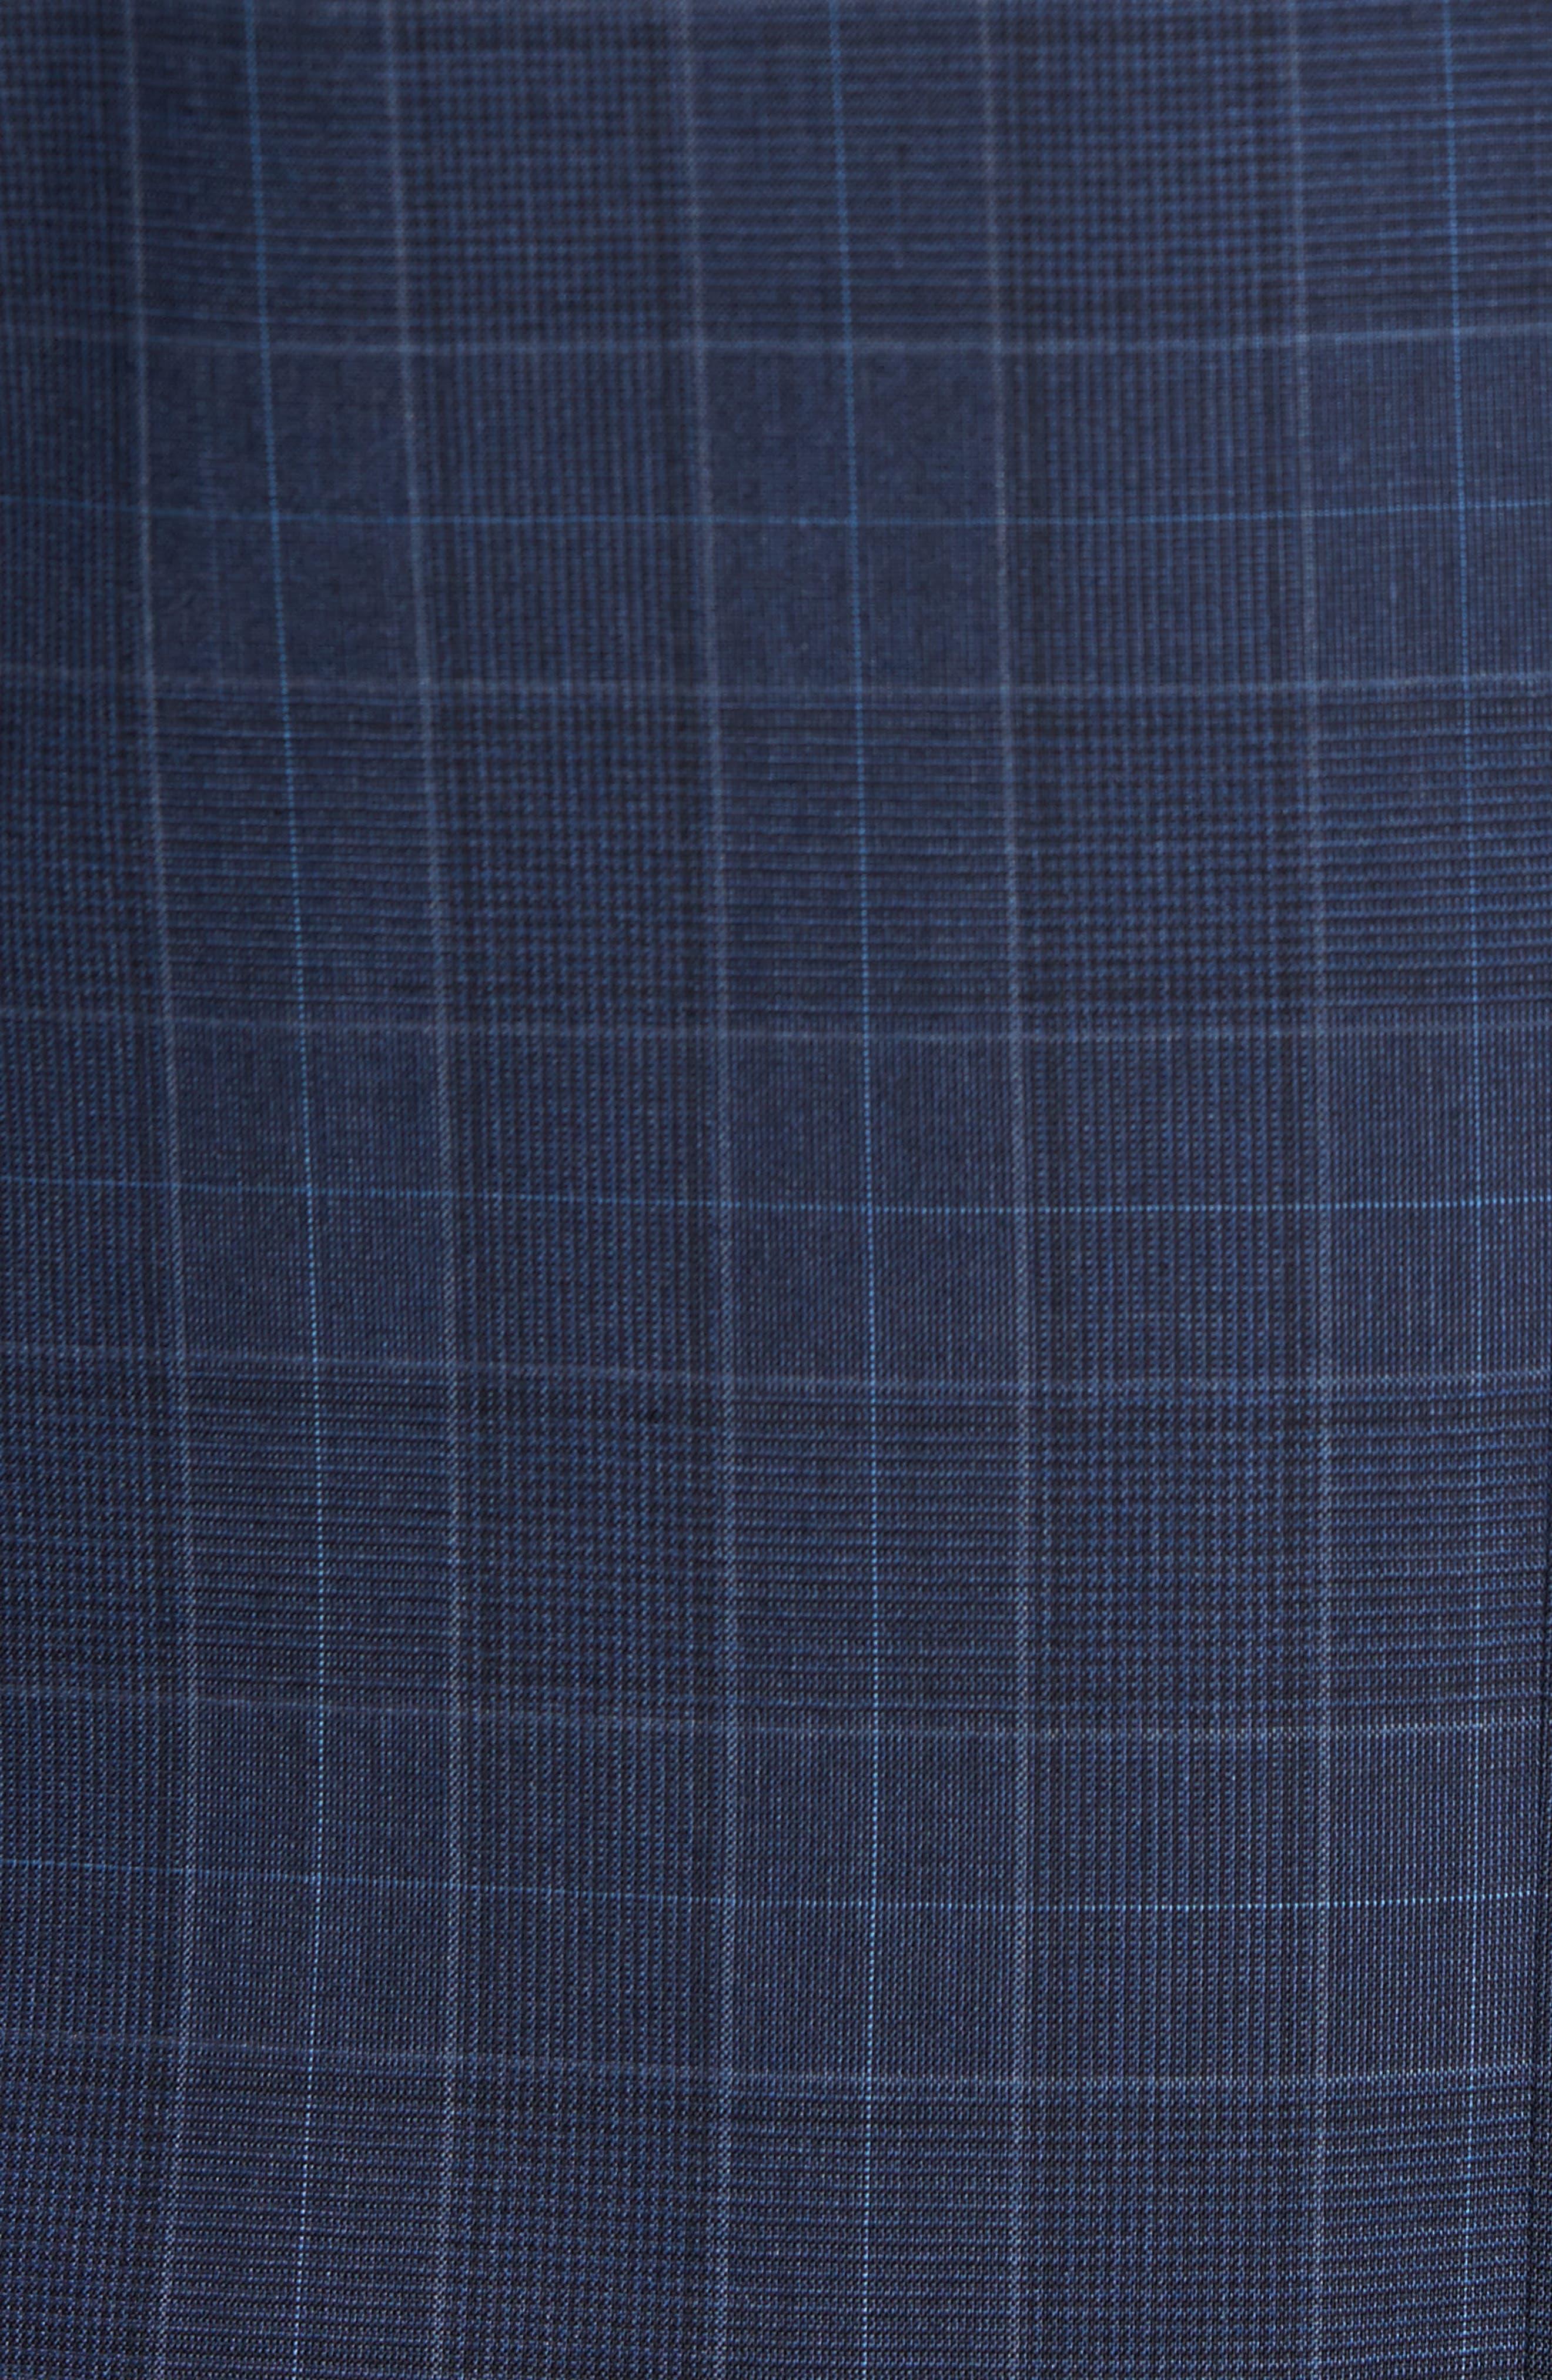 Hutson/Gander Trim Fit Plaid Wool Suit,                             Alternate thumbnail 7, color,                             410